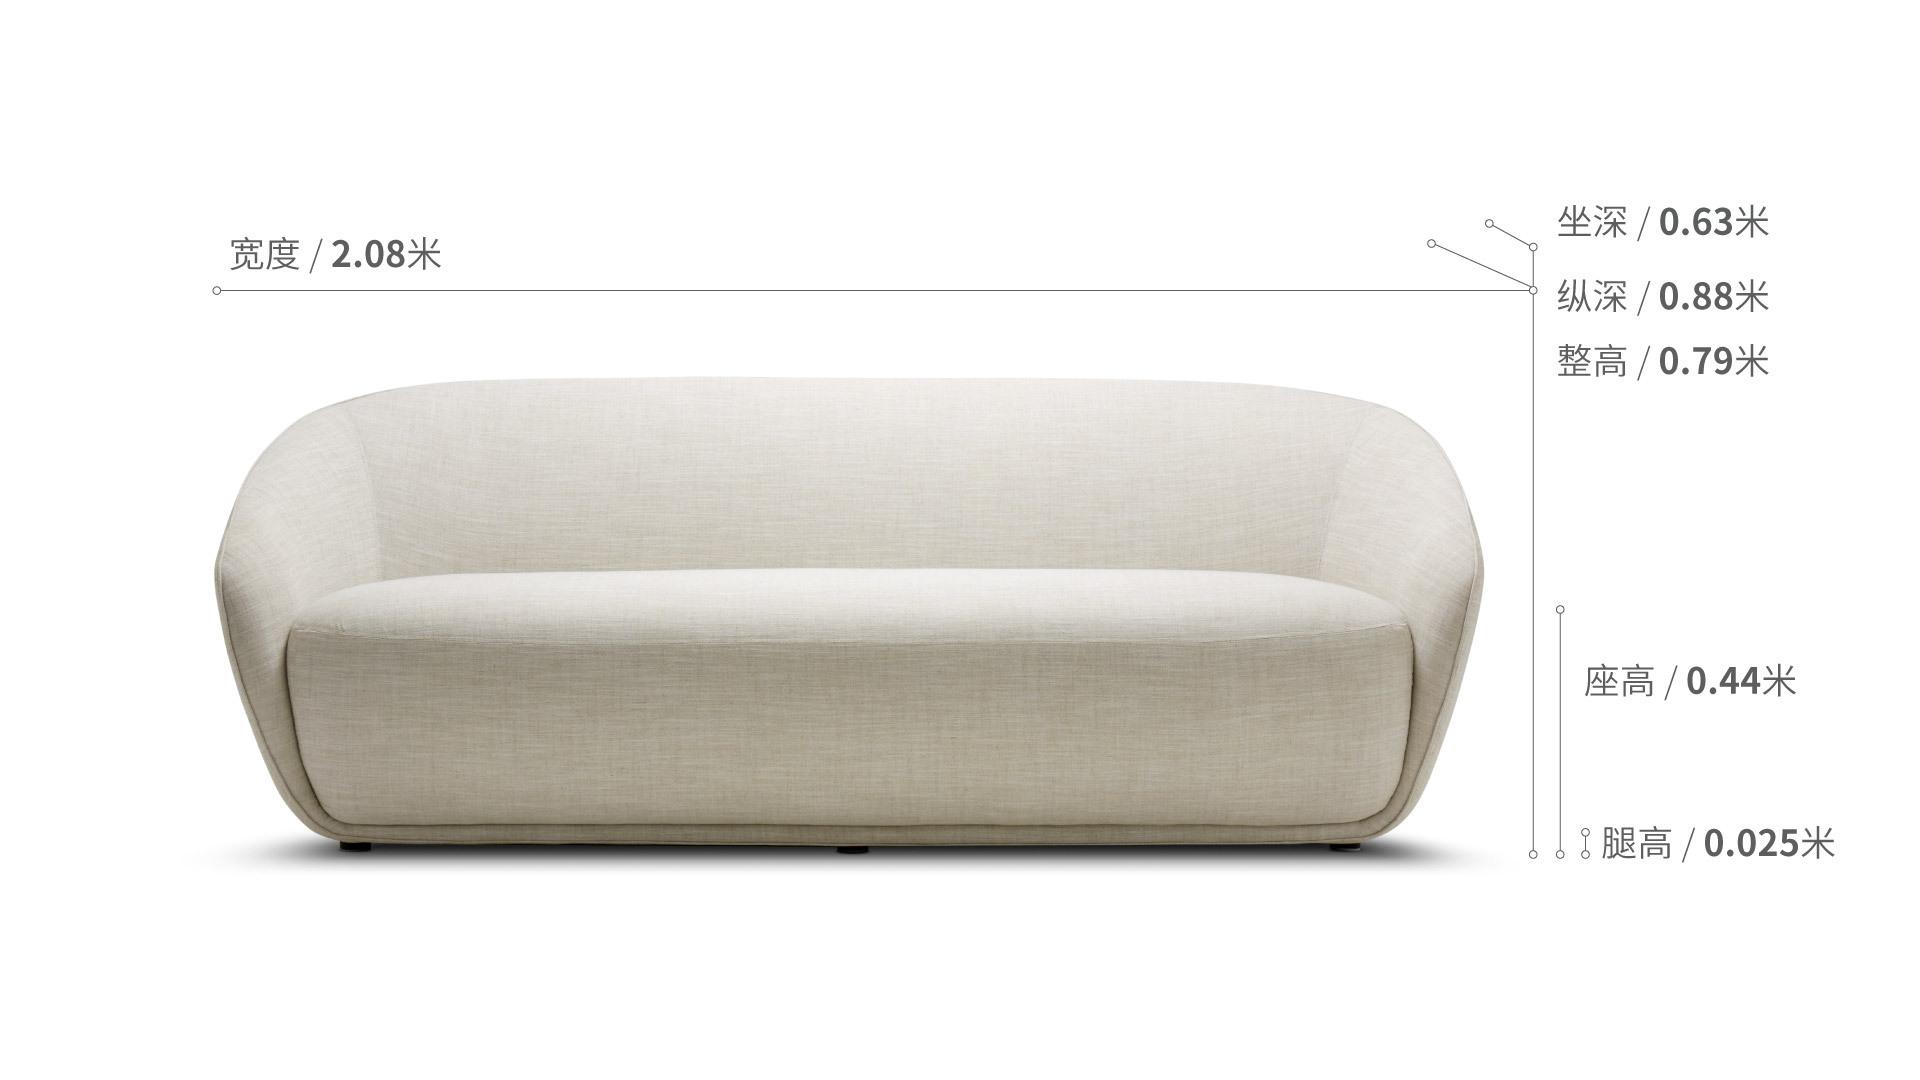 造作贝岛沙发™三人座沙发效果图